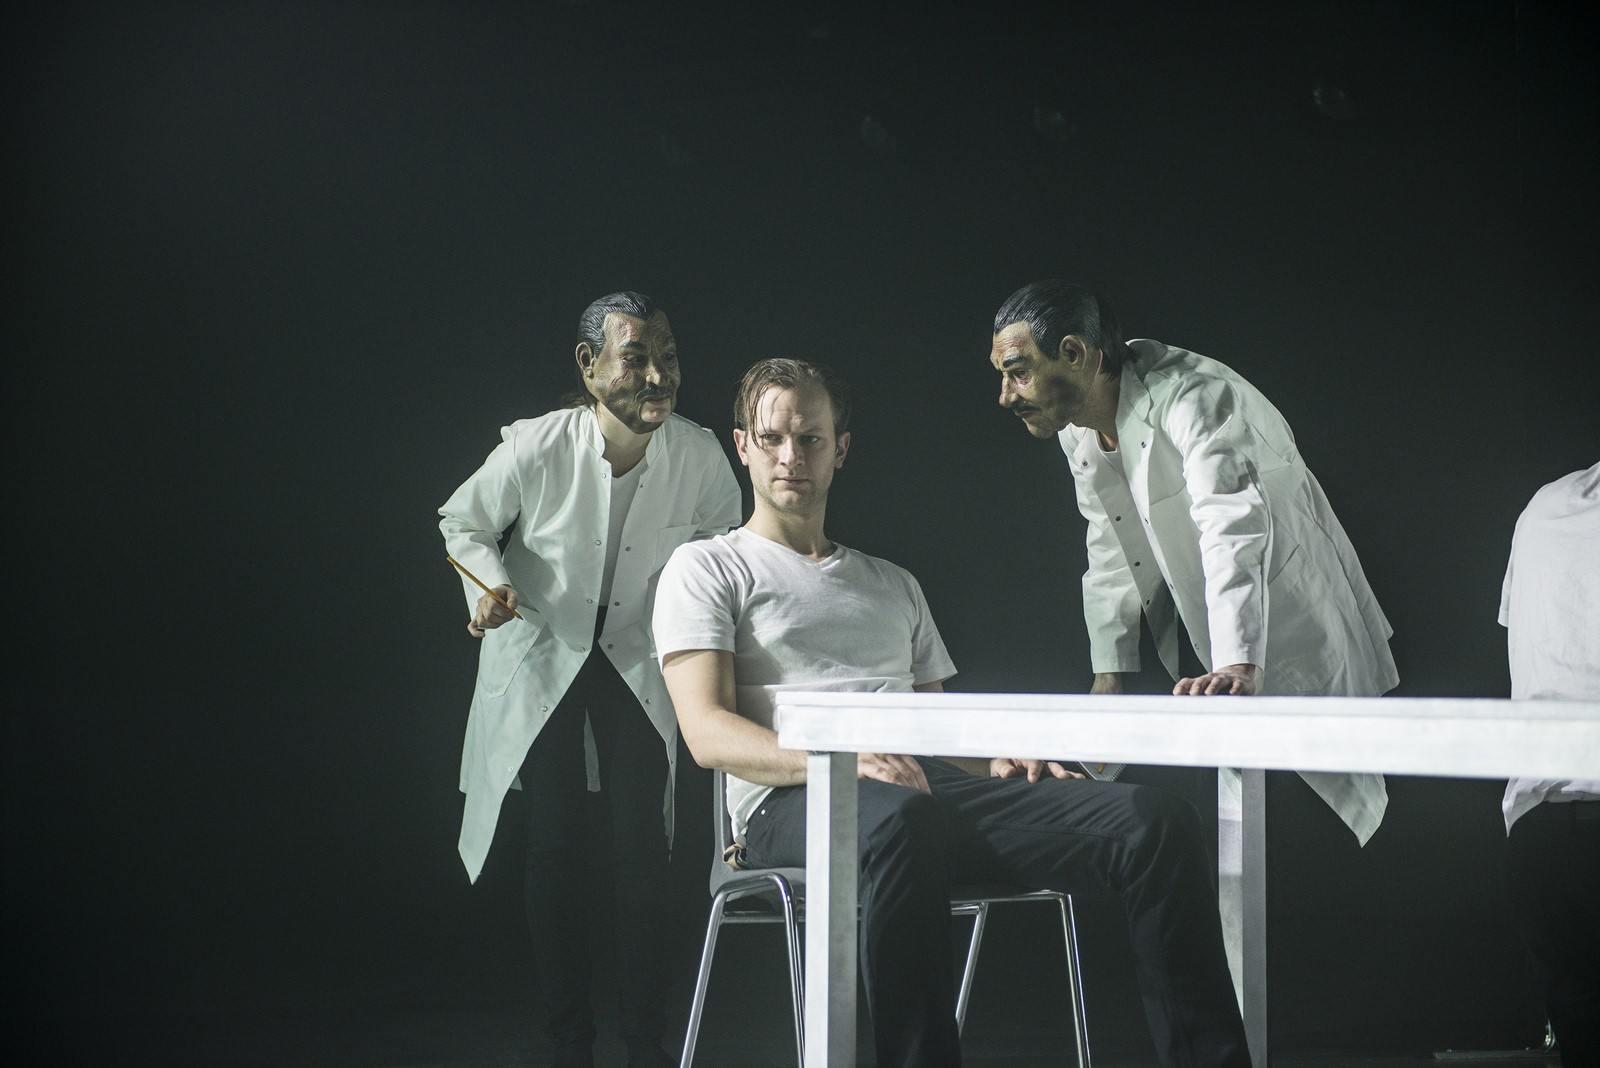 Anmeldelse: En skilsmisse, Aarhus Teater